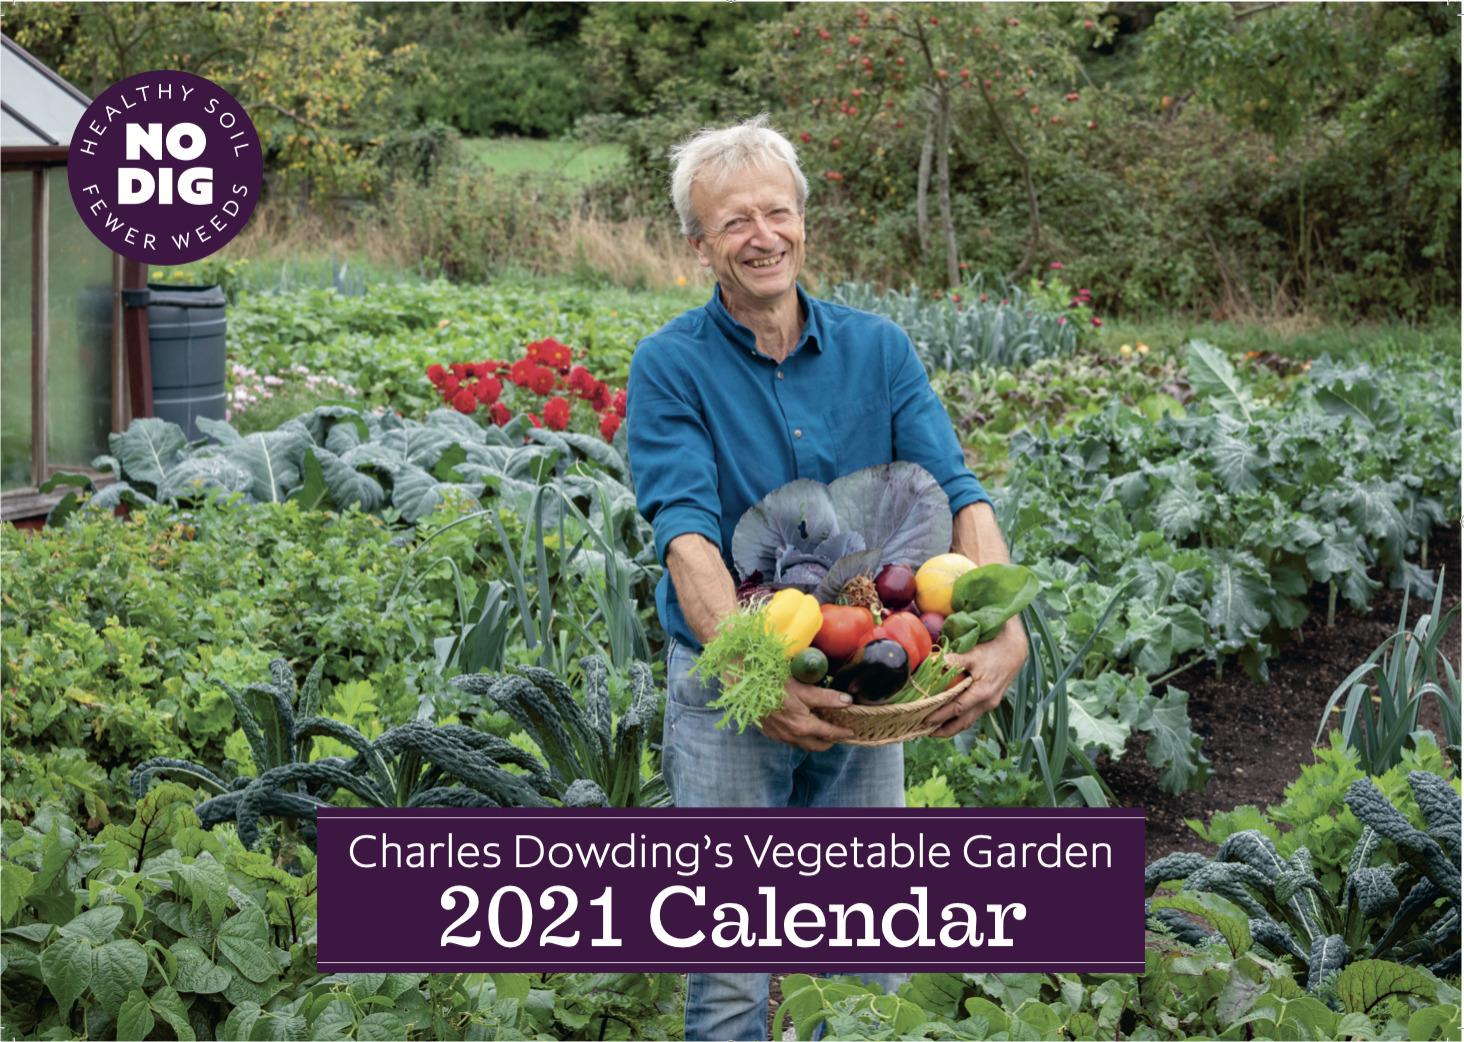 Gardening Calendar 2021 Pictures